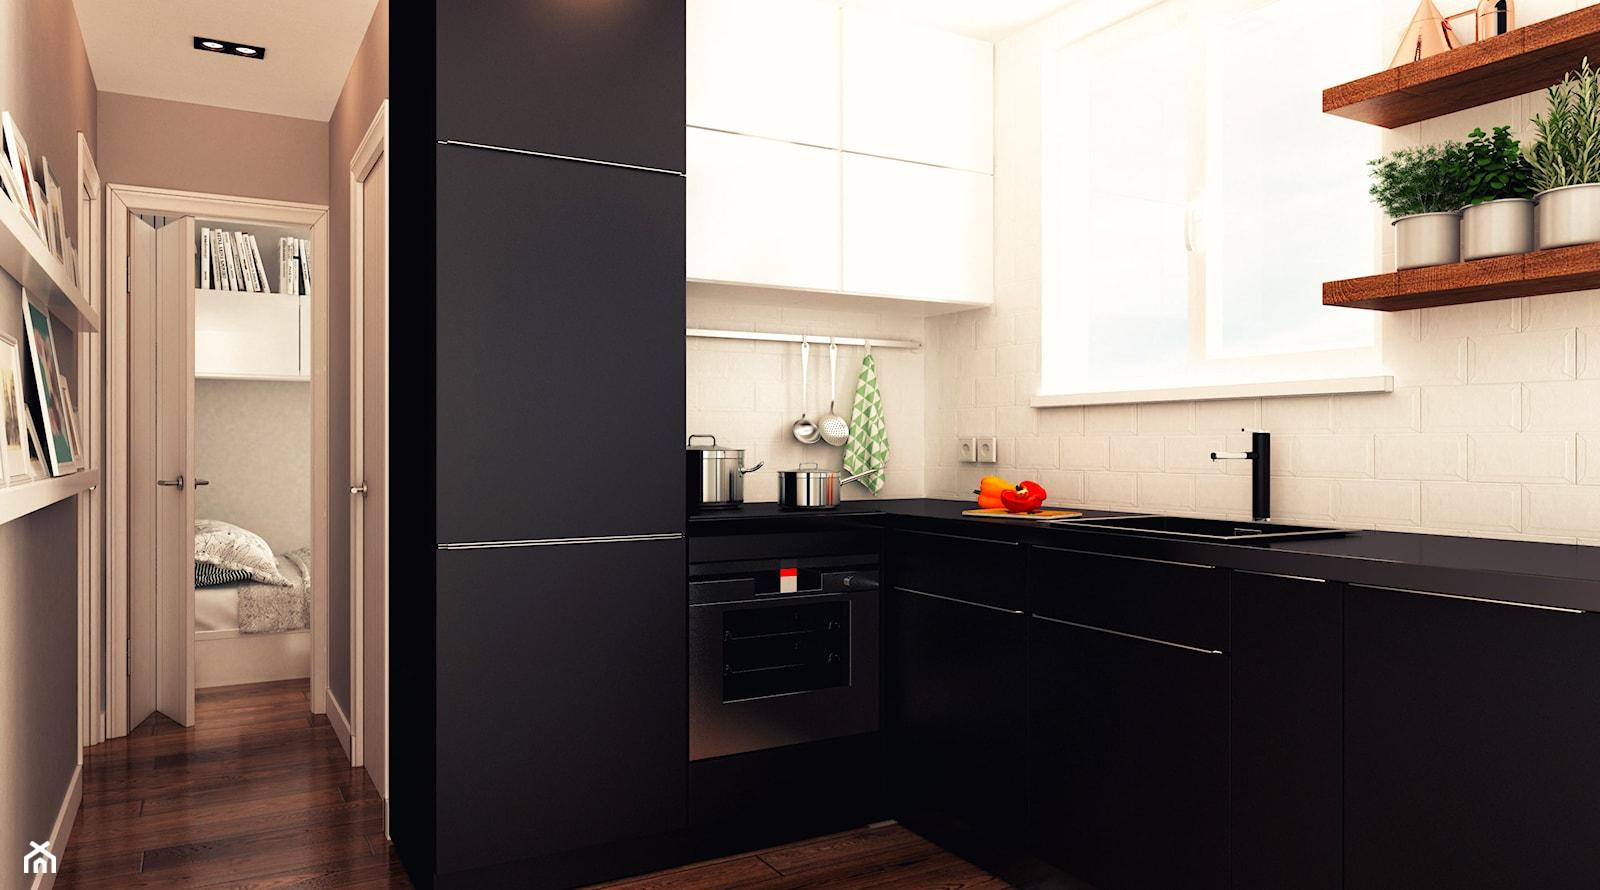 Kuchnia w stylu skandynawskim - zdjęcie od KAST DESIGN - Homebook